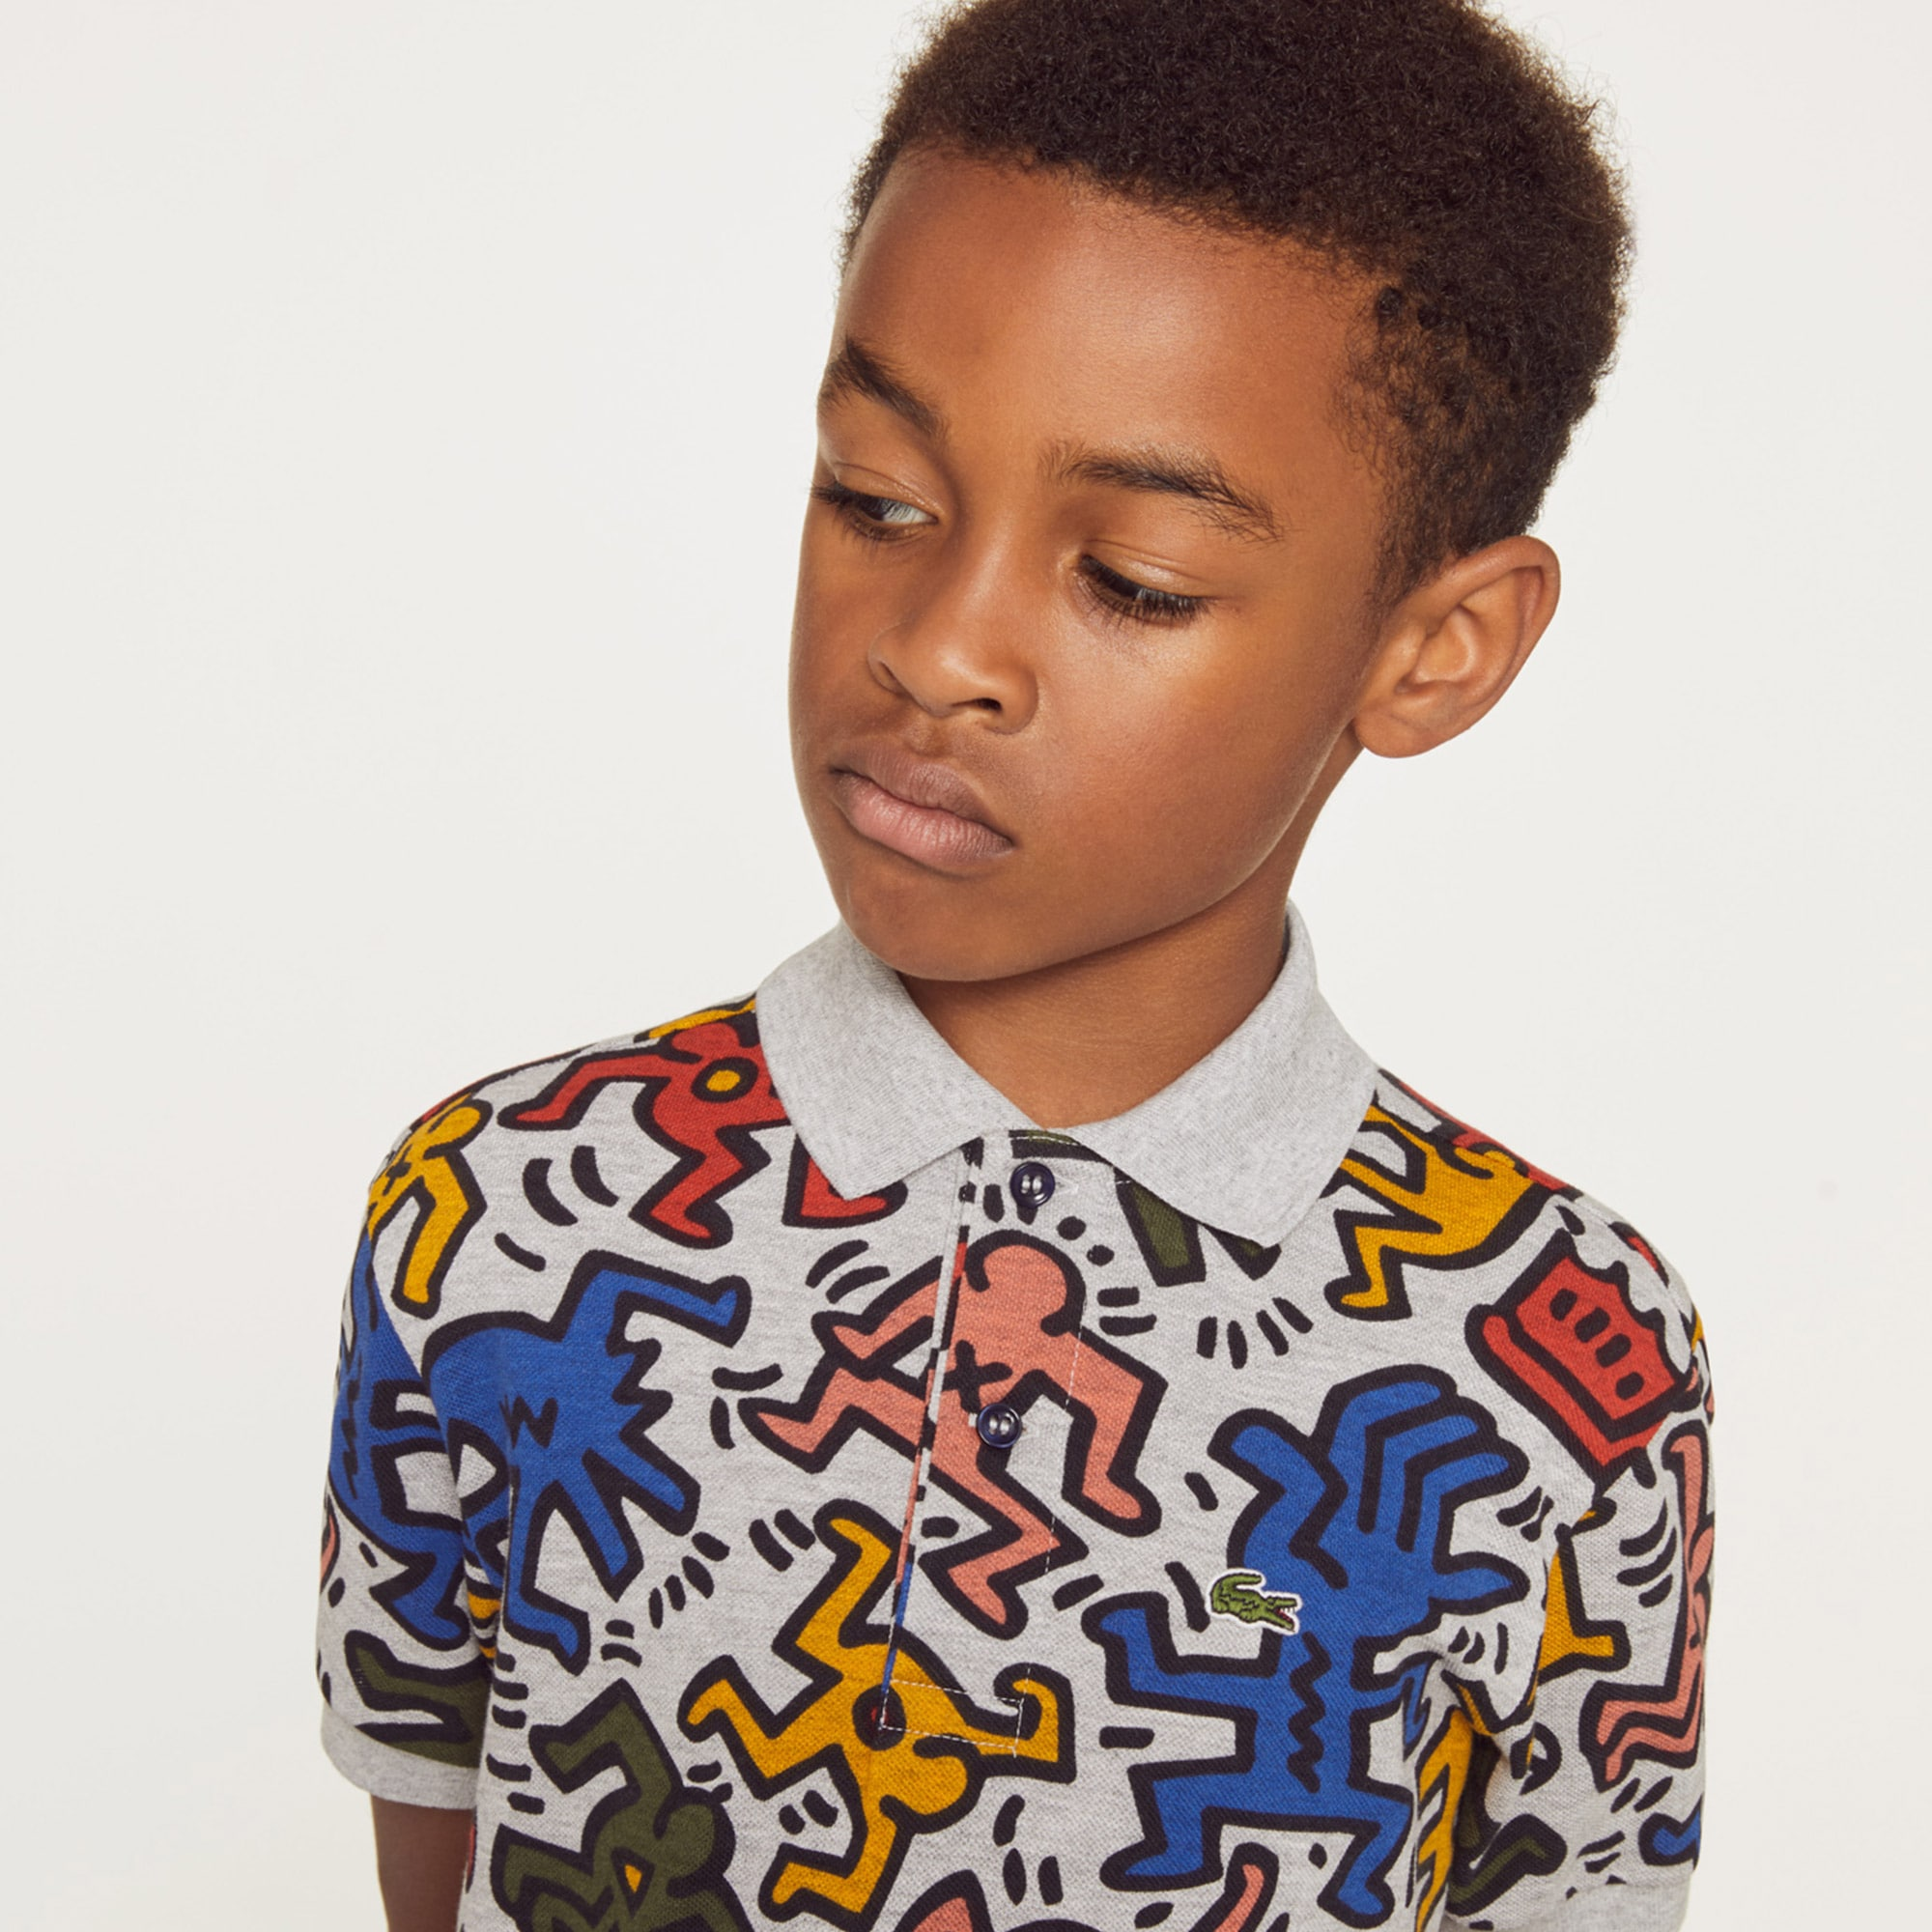 e25a8f8a Boys' Lacoste Keith Haring Print Mini Piqué Polo Shirt | LACOSTE